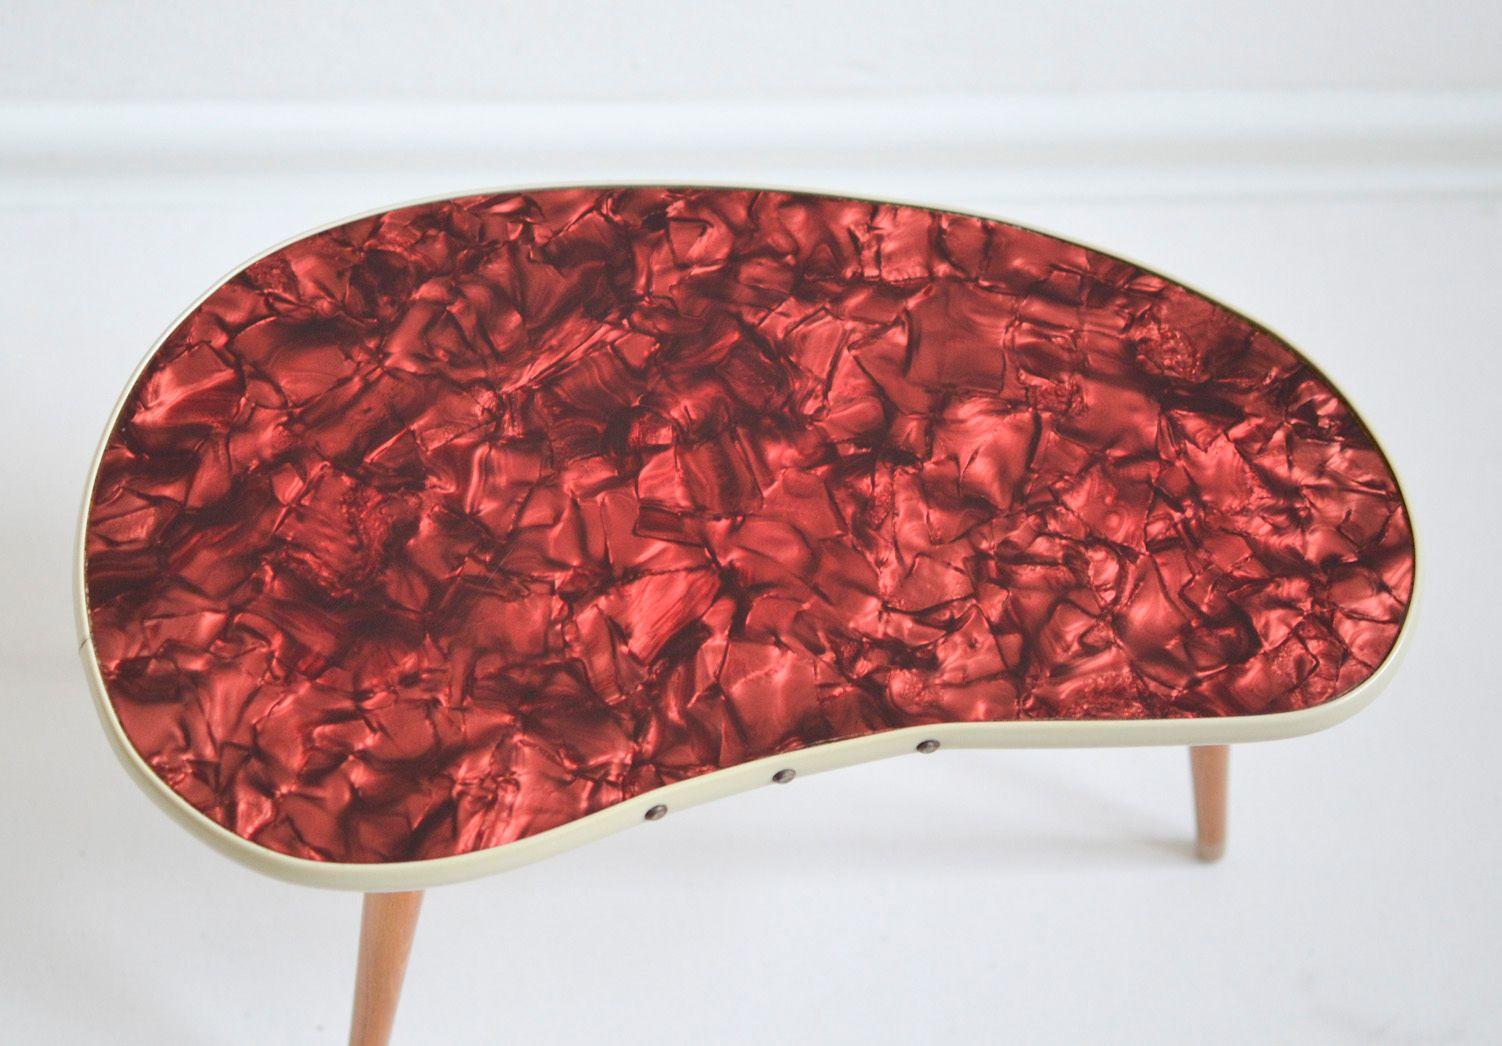 Vintage Pearloid Kidney Coffee Table, 1960s - Vintage Pearloid Kidney Coffee Table, 1960s For Sale At Pamono